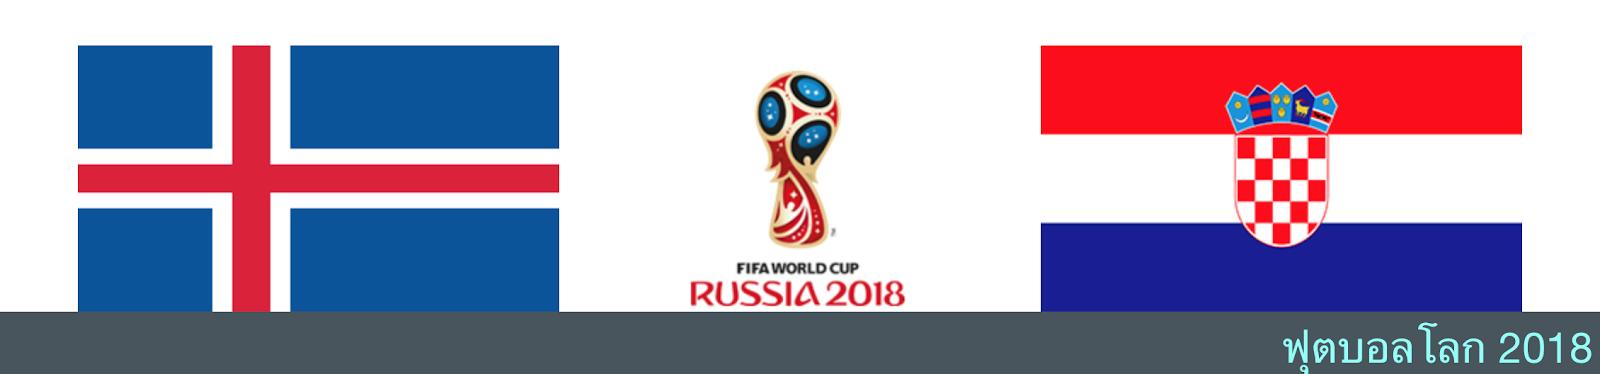 ผลบอล วิเคราะห์บอล ฟุตบอลโลก ระหว่าง ไอซ์แลนด์ vs โครเอเชีย